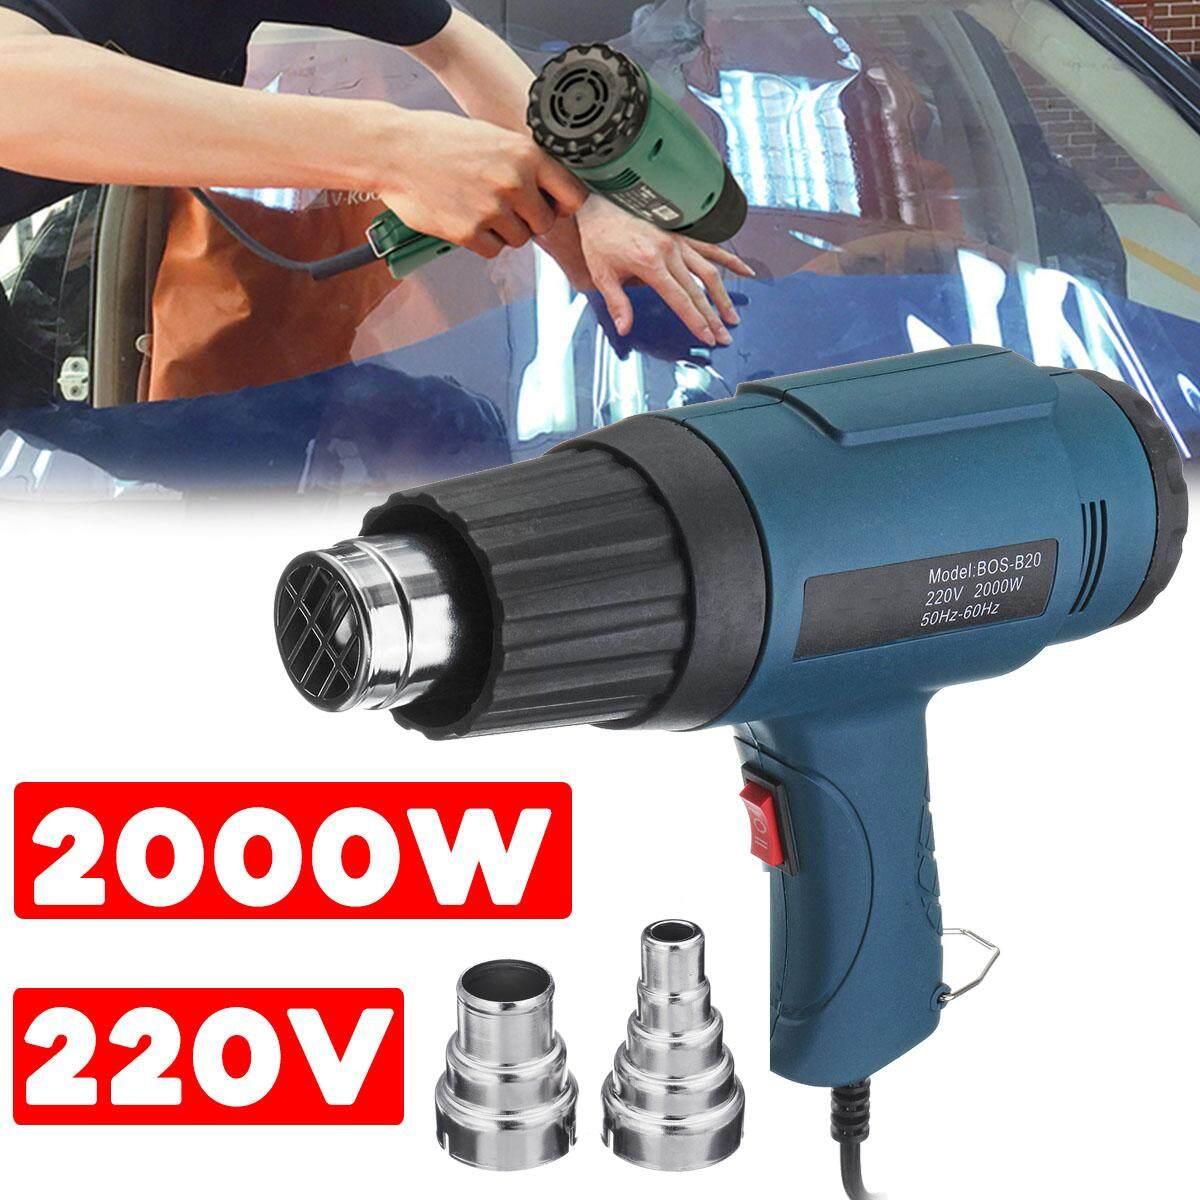 2000 W 220 V Công Nghiệp Có Thể Điều Chỉnh Nhiệt Độ Máy Thổi Nóng W/3 + Tặng 5 Vòi Phun